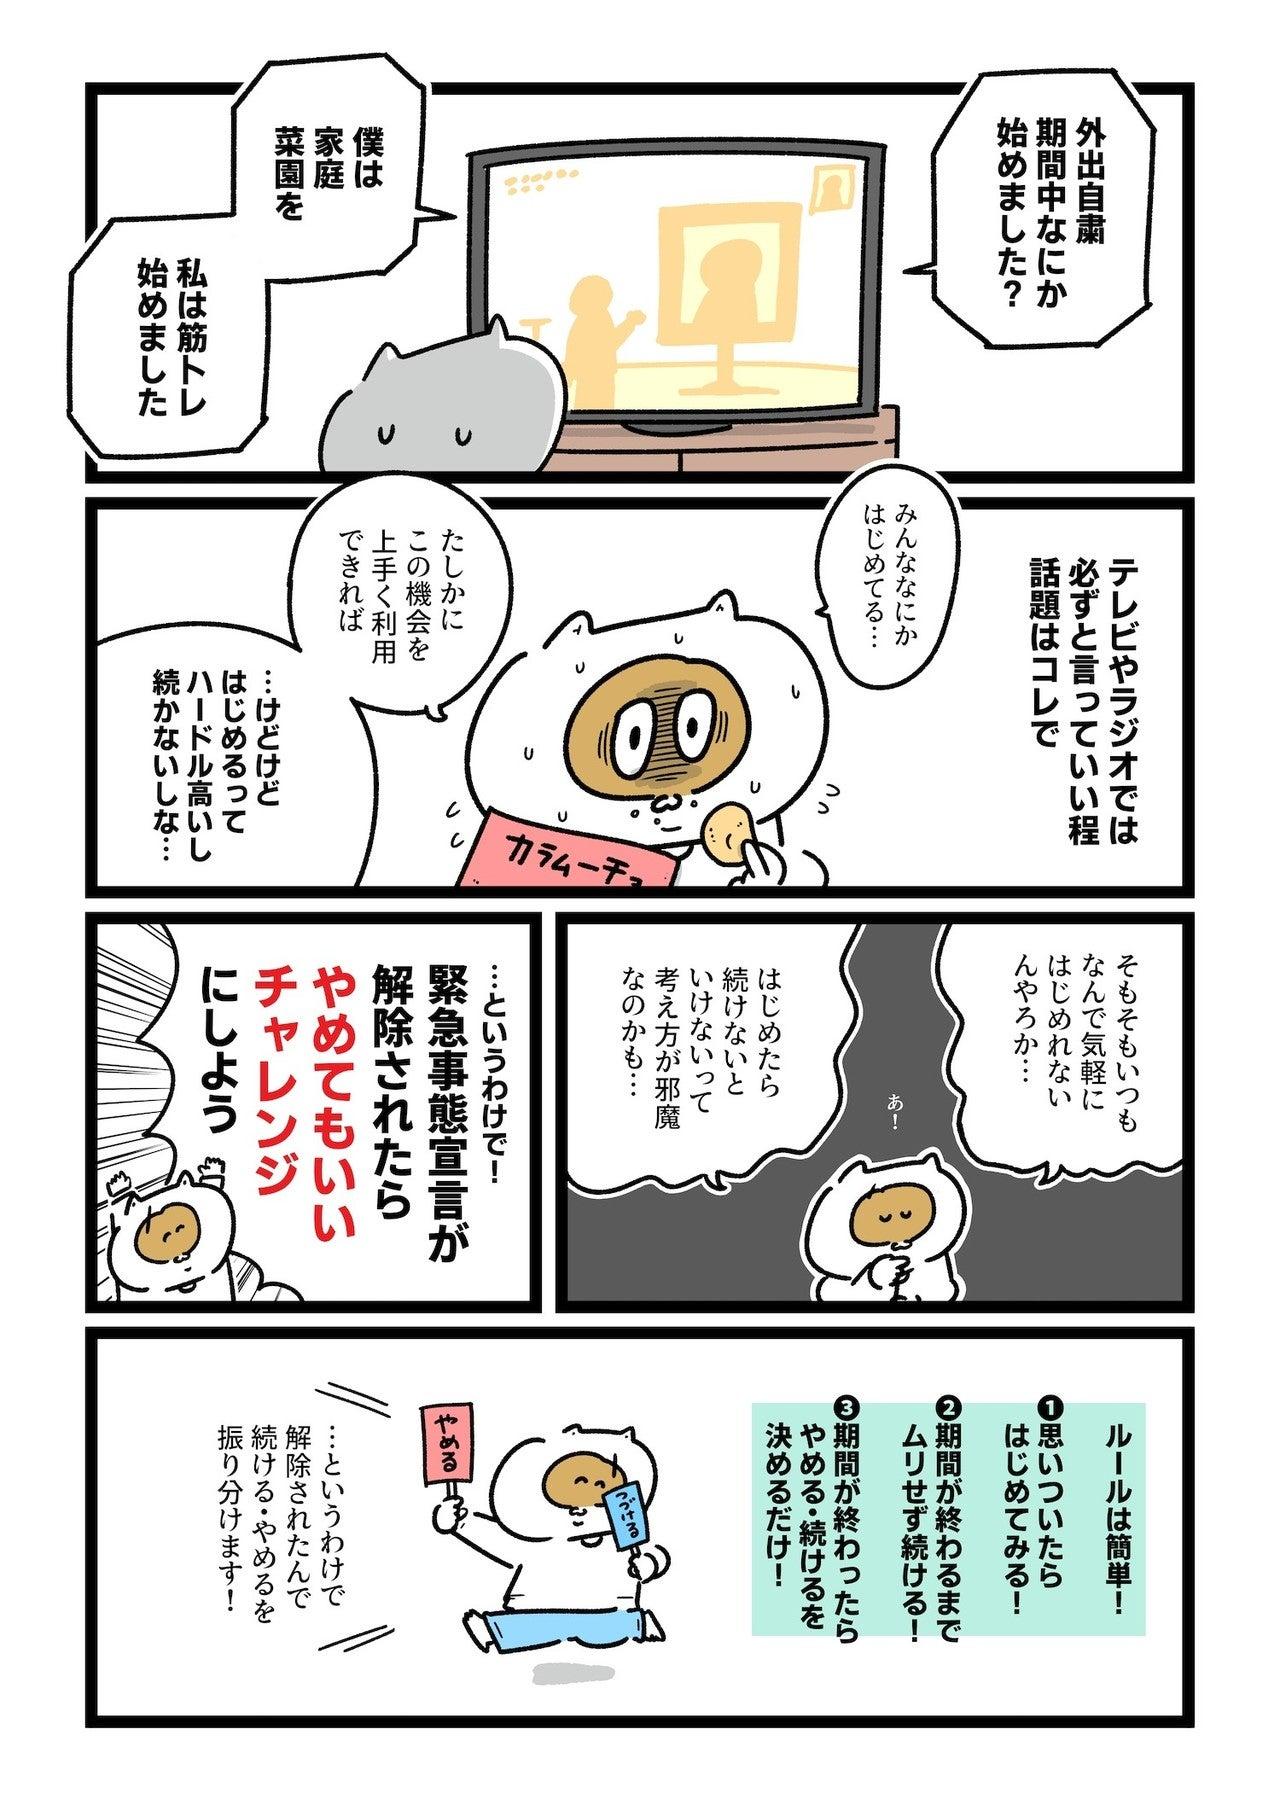 コミック11_出力_001